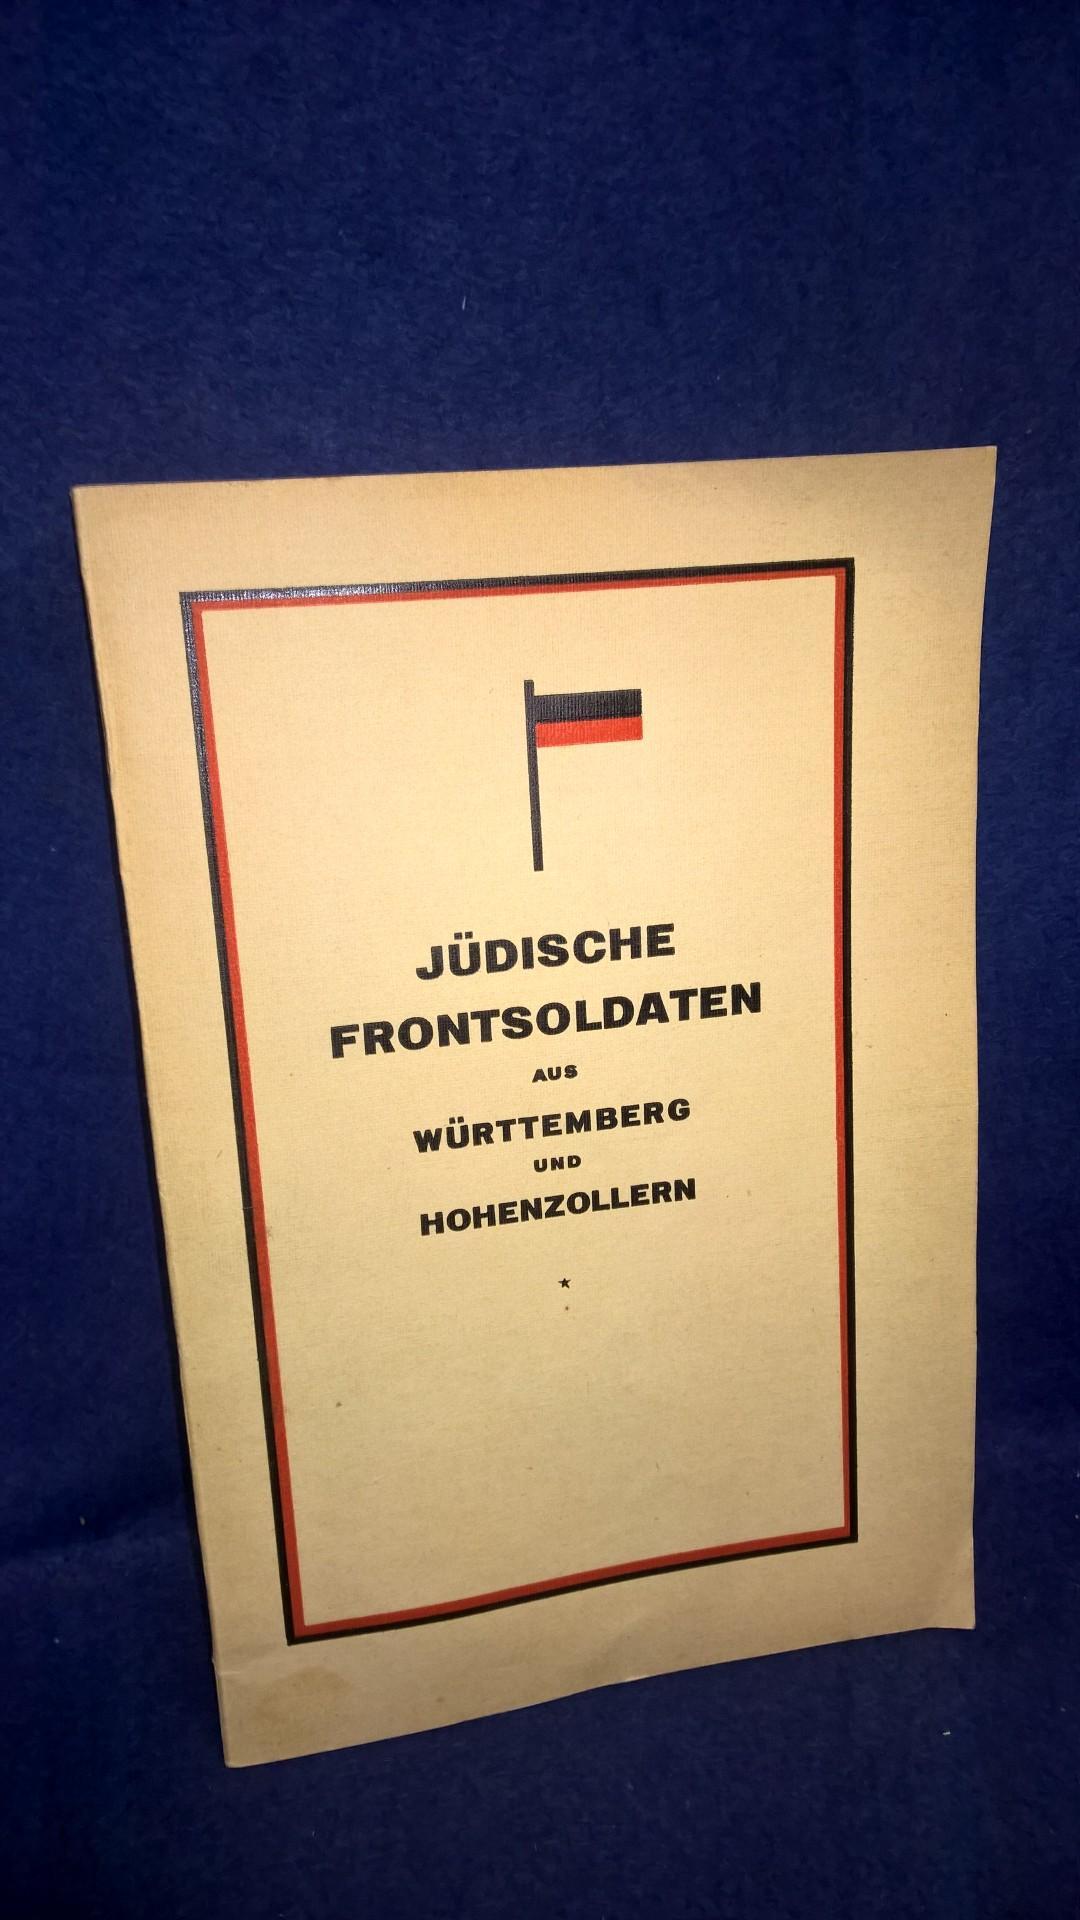 Jüdische Frontsoldaten aus Württemberg und Hohenzollern. Hochinteressantes Werk mit den jüdischen Gefallenen im Weltkrieg sowie eine Auflistung der jüdischen Soldaten mit Ordensverleihungen.